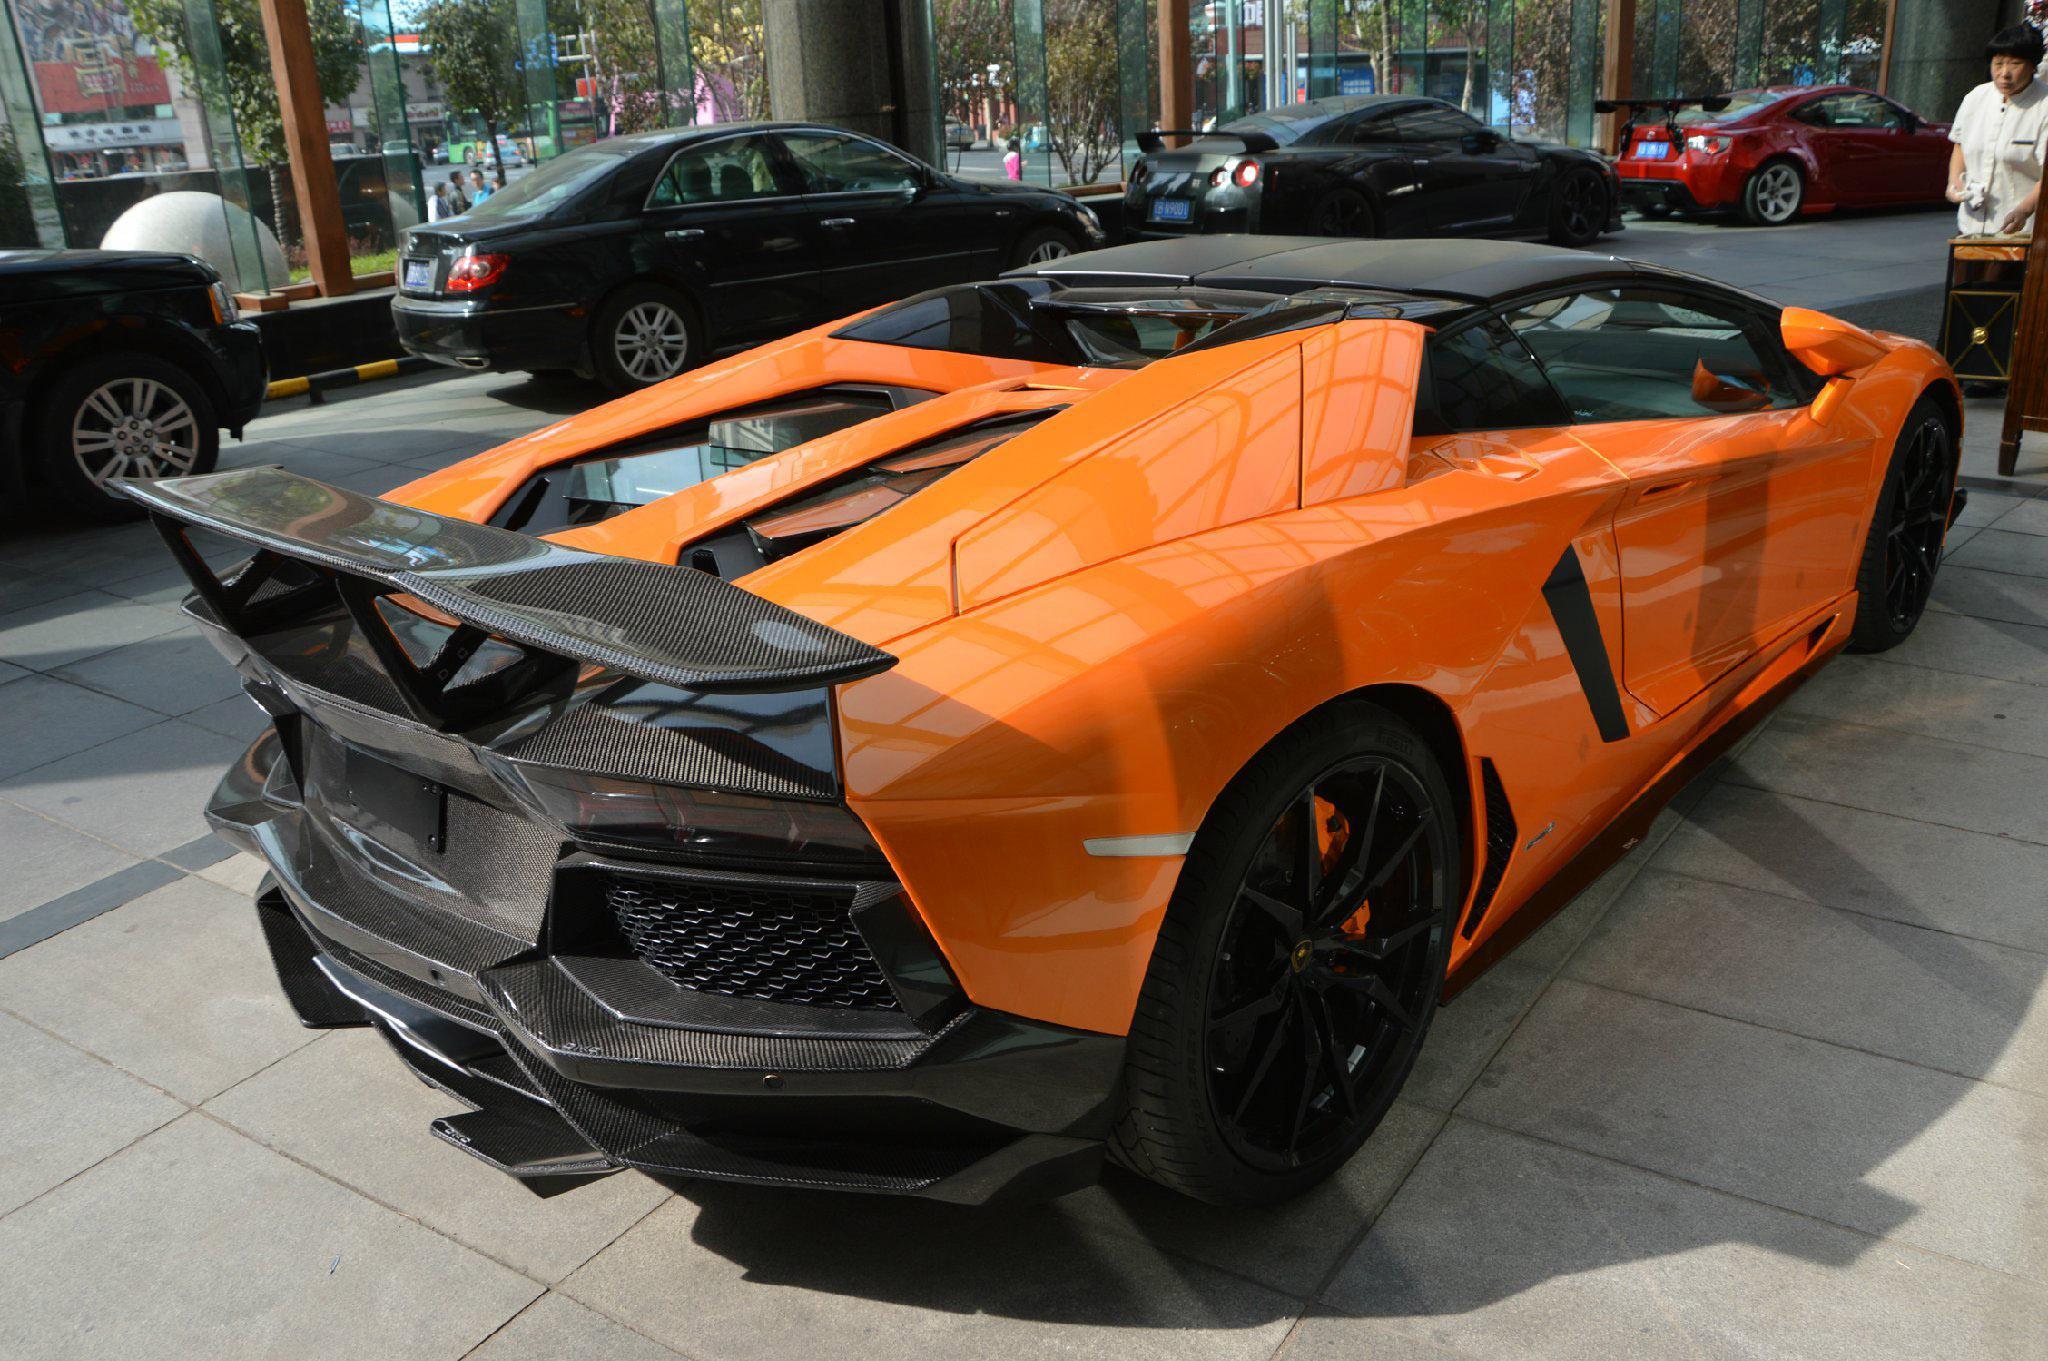 Dmc Shows Tuned Lamborghini Aventador Lp700 4 Roadster Sv